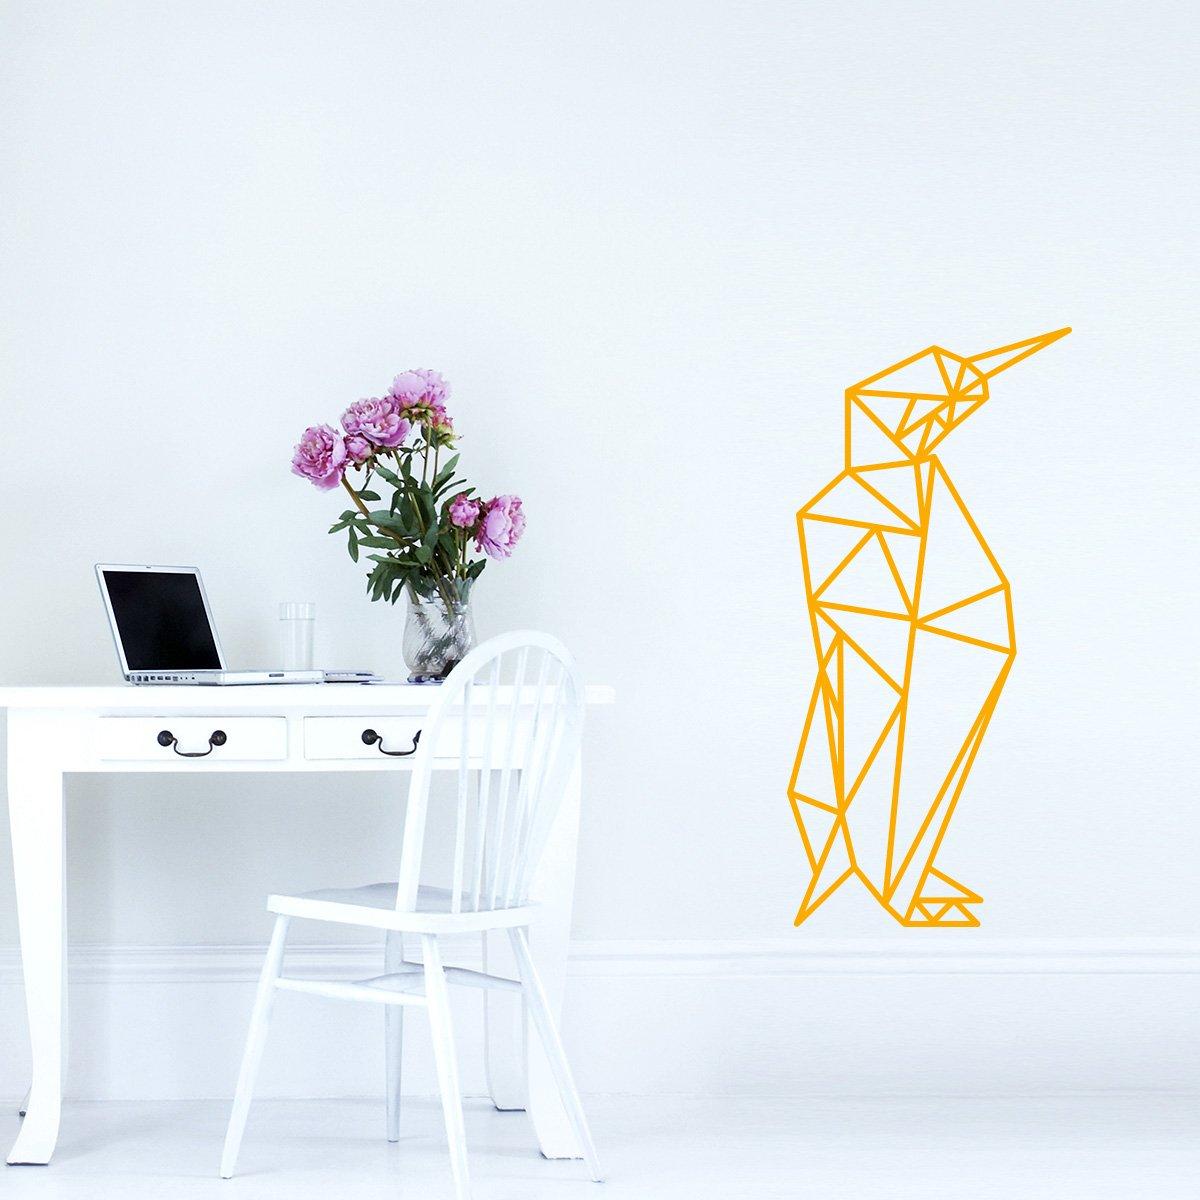 WANDKINGS Wandtattoo - Origami-Style Pinguin - 52 x 110 110 110 cm - HellRosa - Wähle aus 5 Größen & 35 Farben B07BRLP198 Wandsticker & Wandfiguren db3b4d